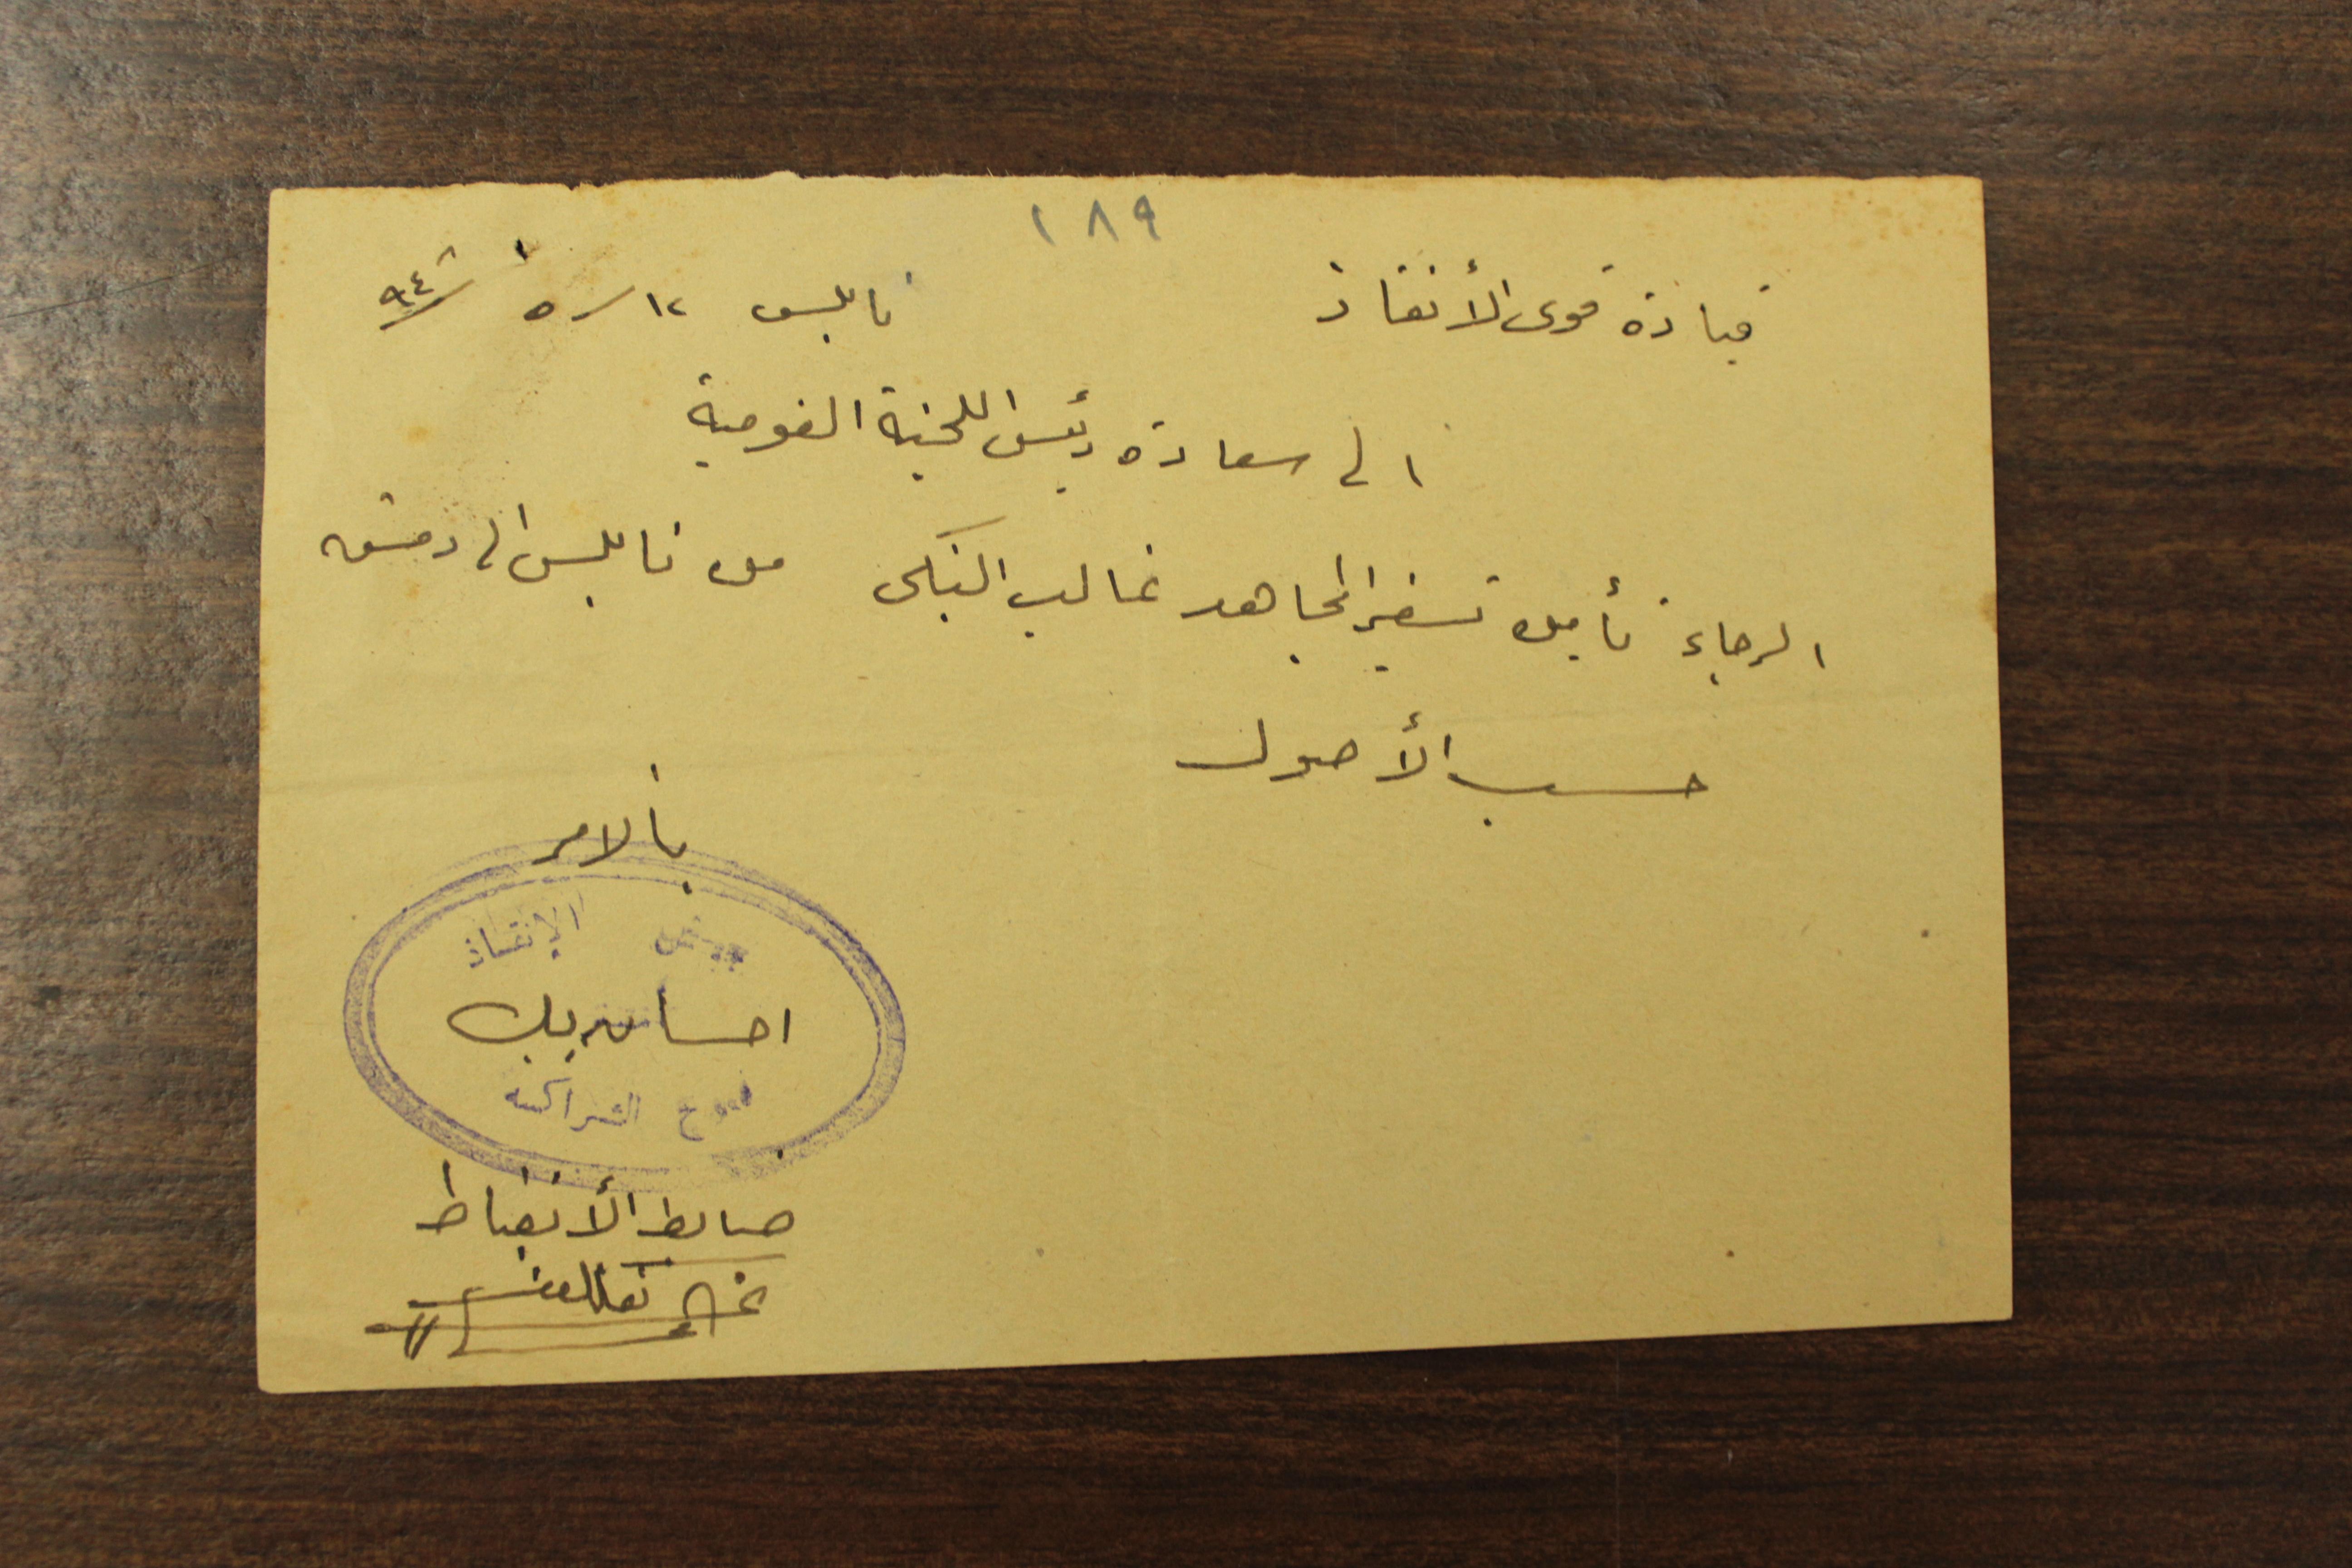 قيادة قوى الانقاذ إلى اللجنة القومية العربية عام 1948 (10).JPG